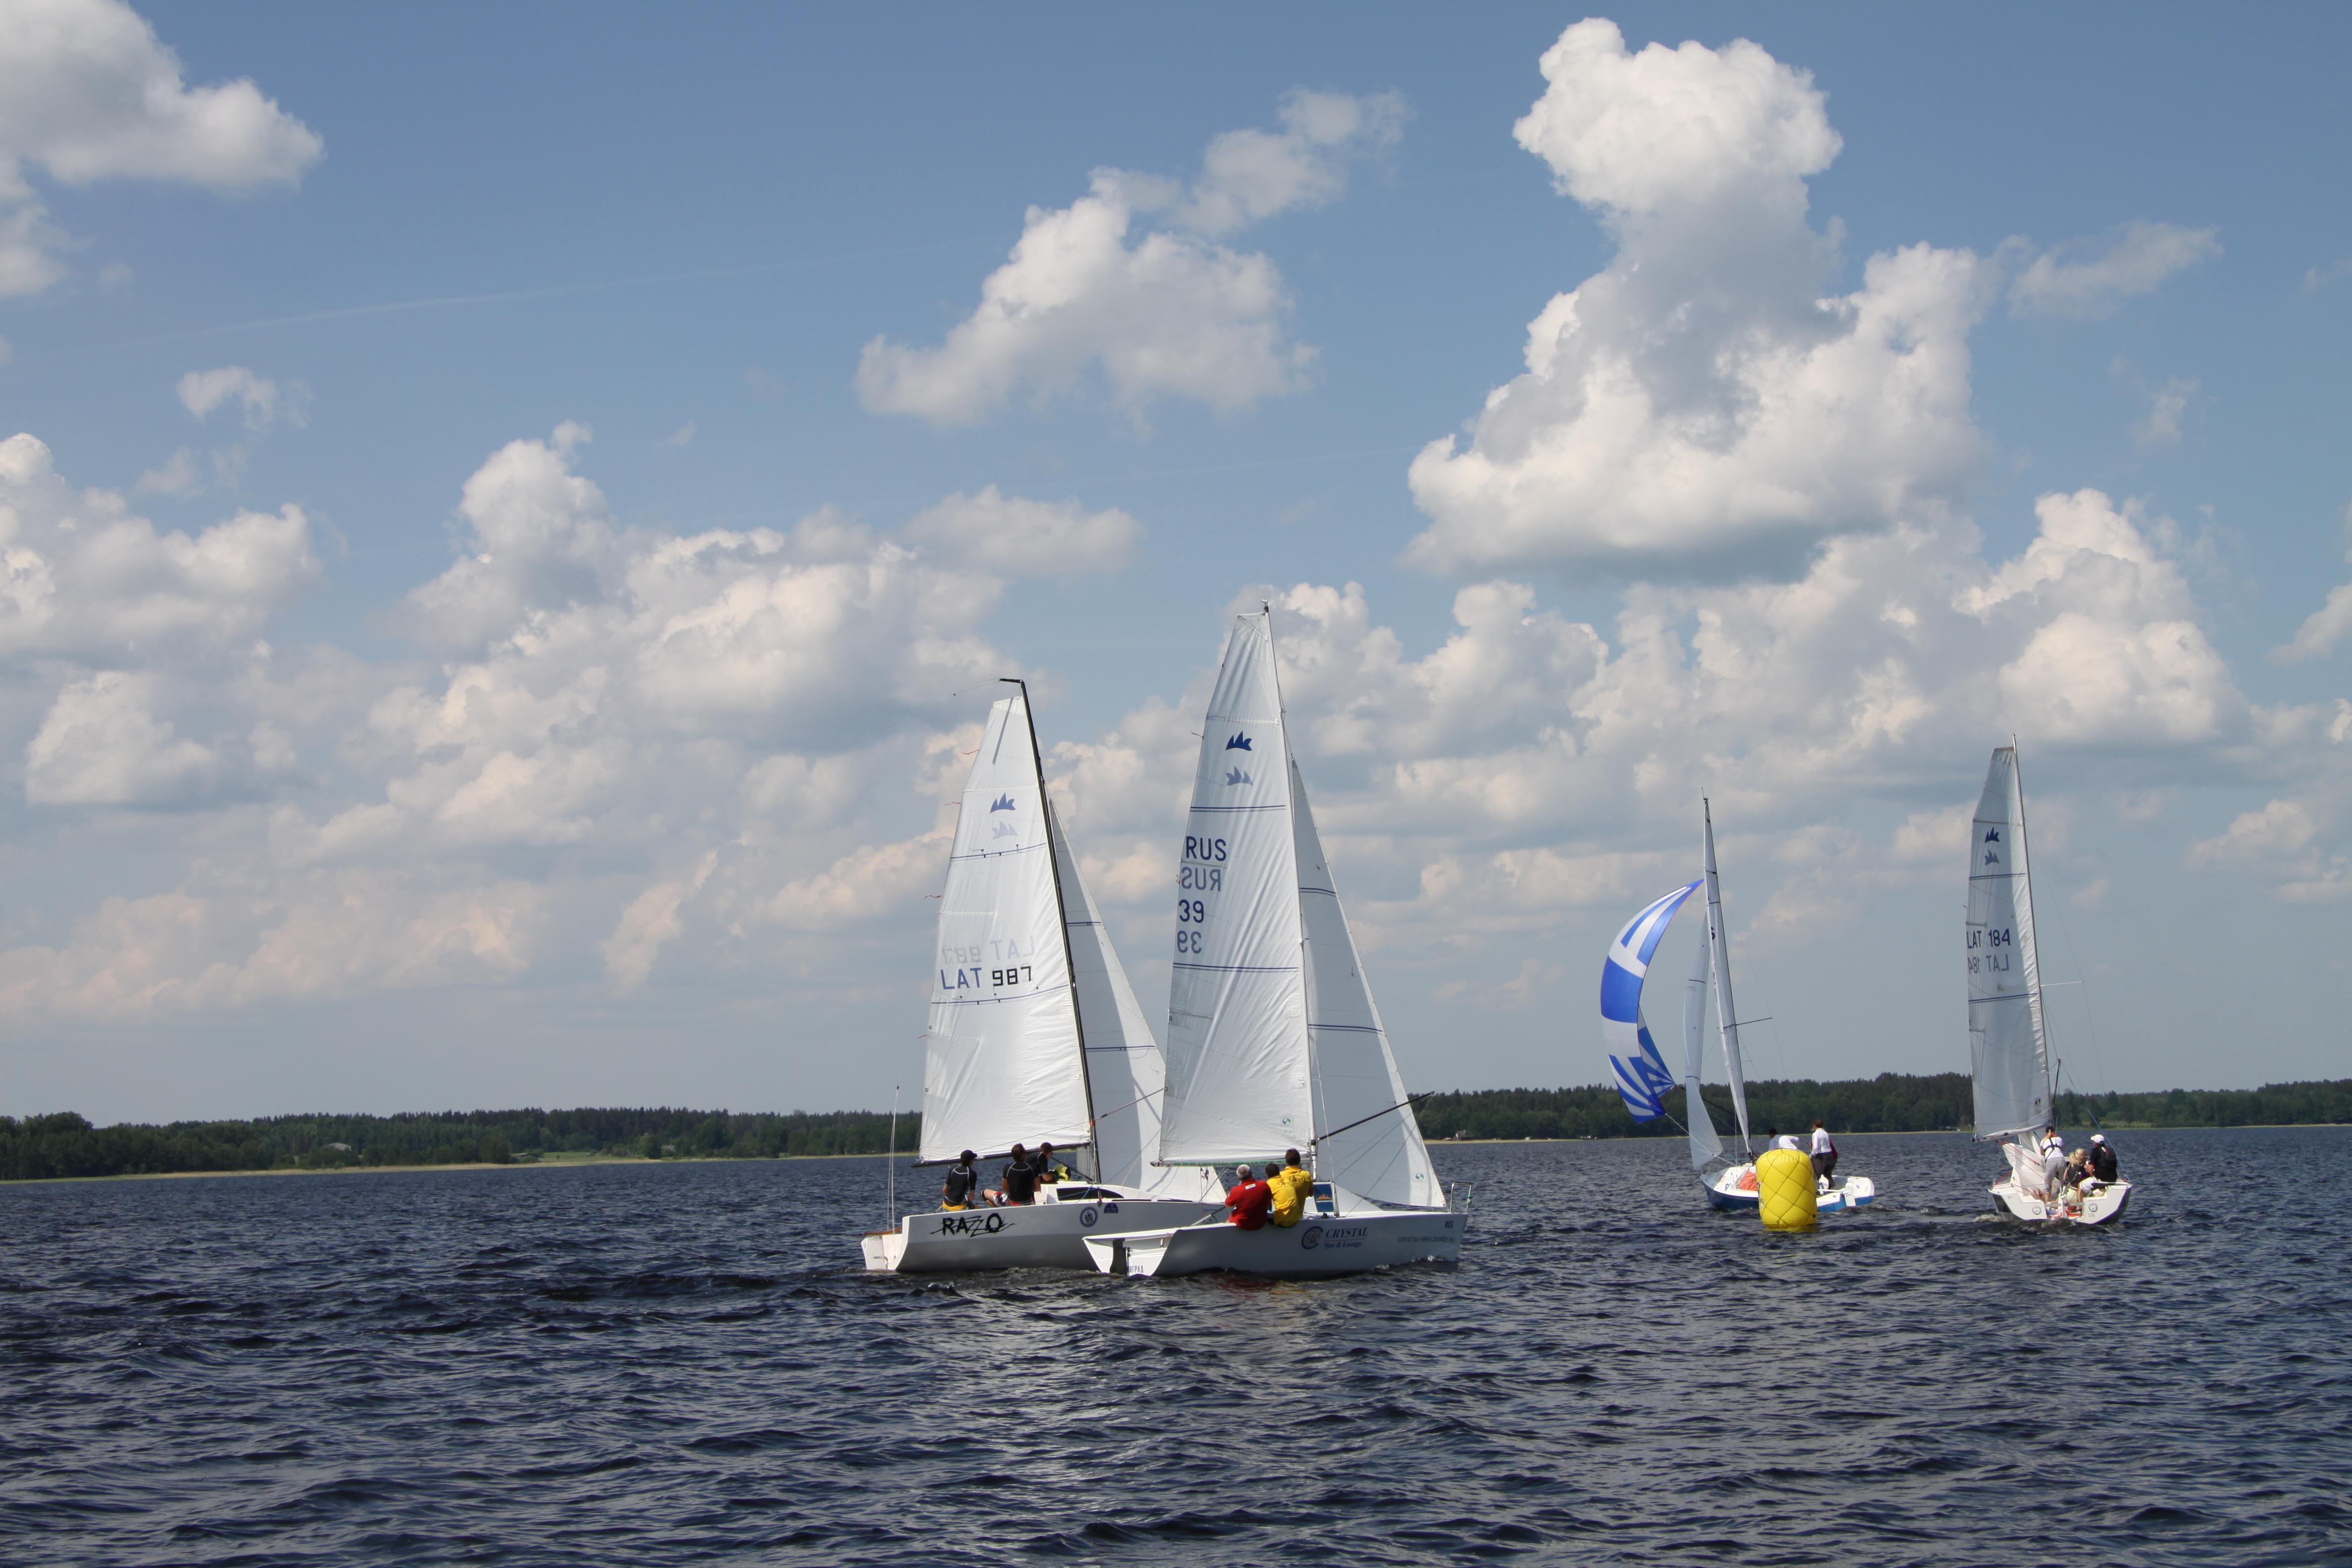 (Latvian) Noslēdzies Mikro klases 2013 gada Eiropas kausa izcīņas Latvijas posms.